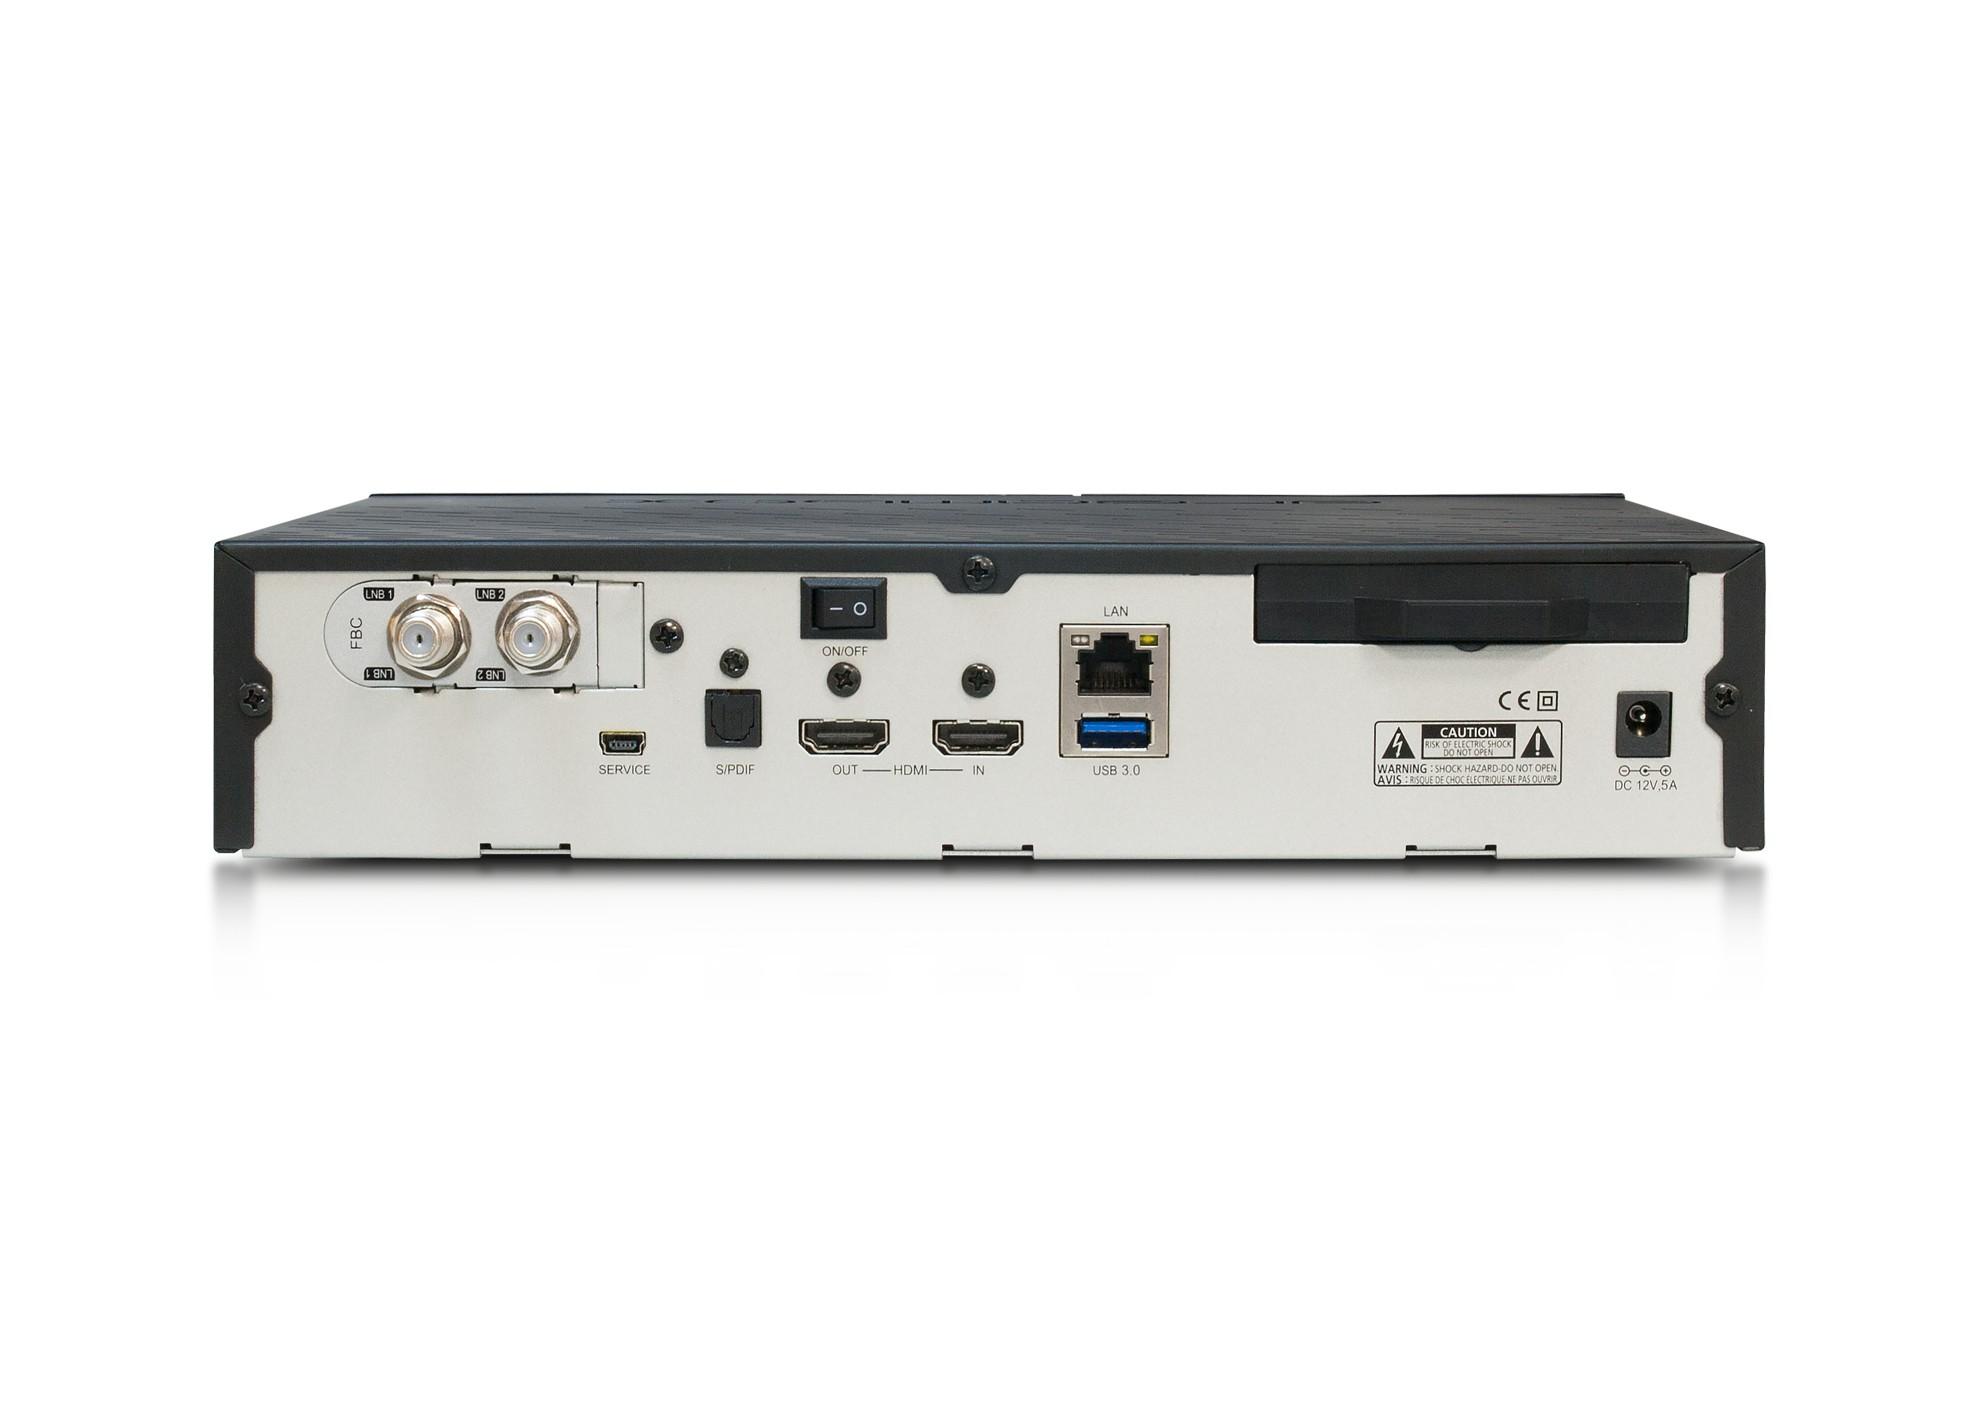 Dreambox DM-900 RC20 UHD 4K (1x DVB-S2X FBC Twin)